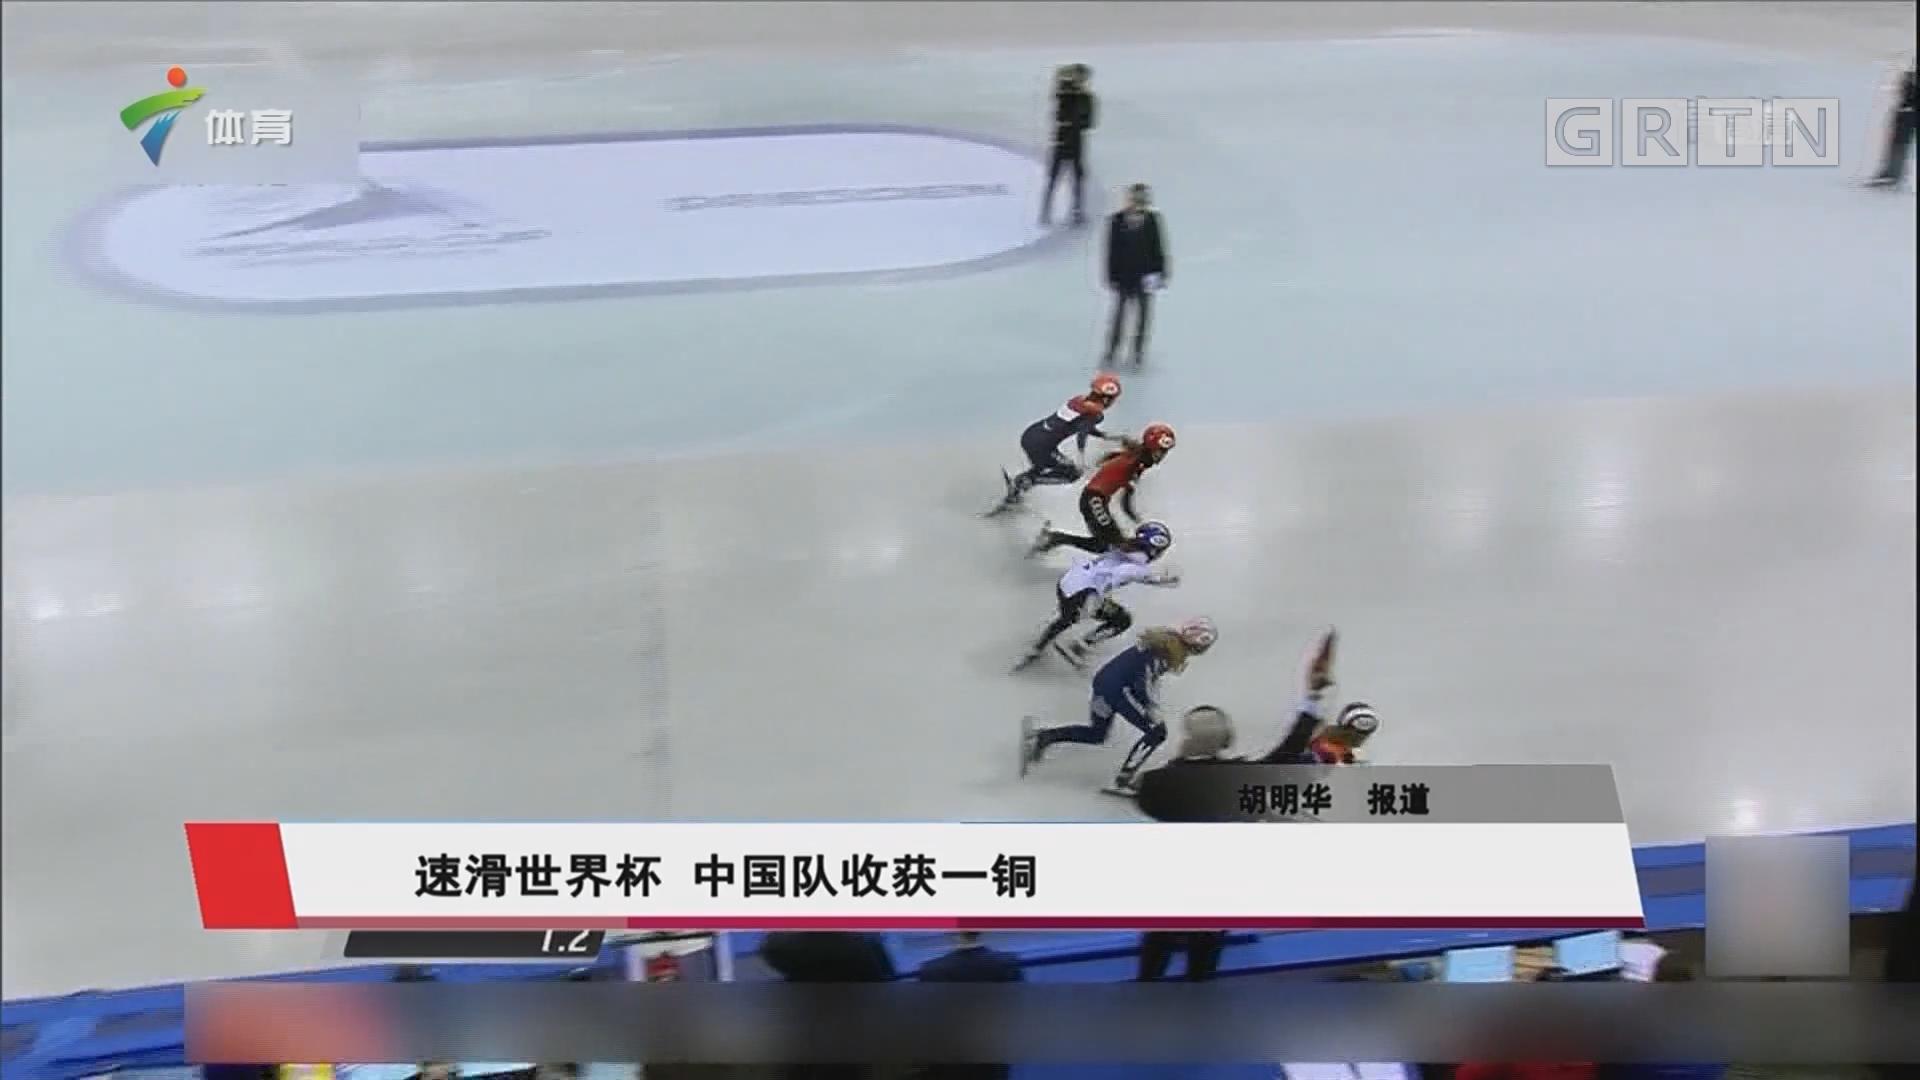 速滑世界杯 中国队收获一铜